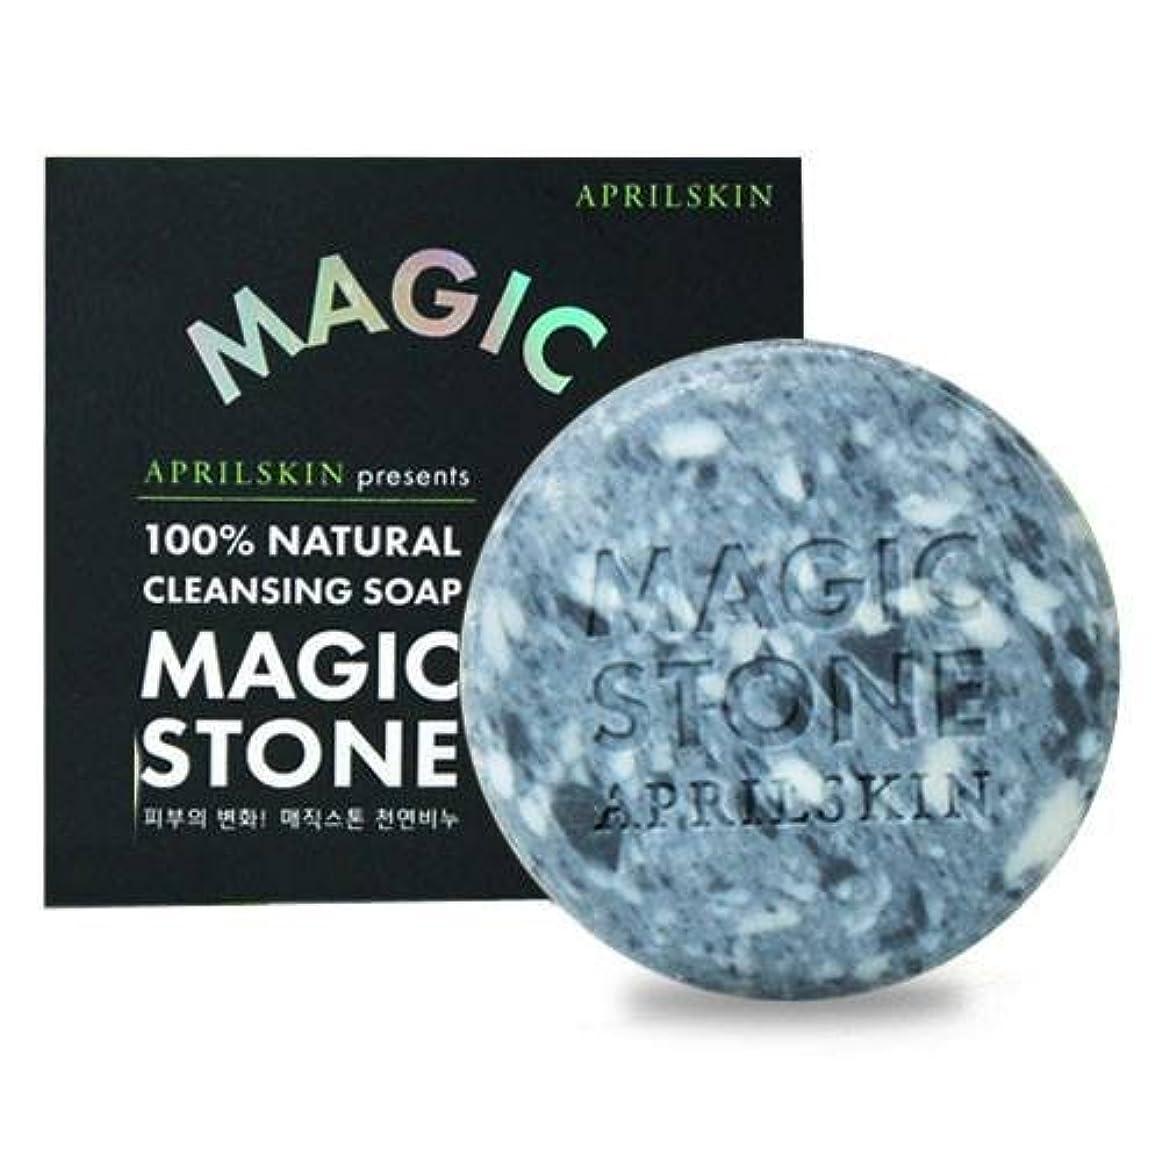 神聖動機居住者[APRILSKIN] エイプリルスキン国民石鹸 (APRIL SKIN magic stone マジックストーンのリニューアルバージョン新発売) (ORIGINAL) [並行輸入品]